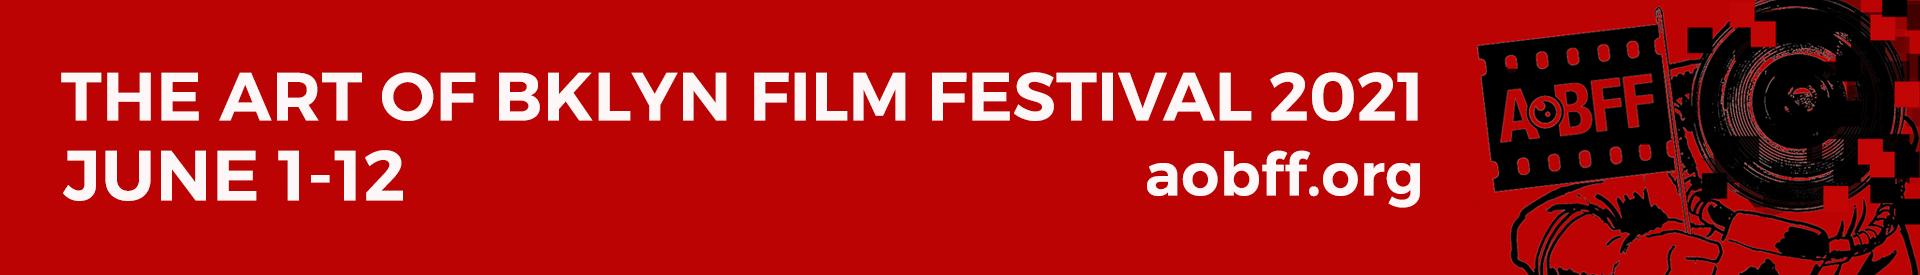 2021 Art of Brooklyn Film Festival